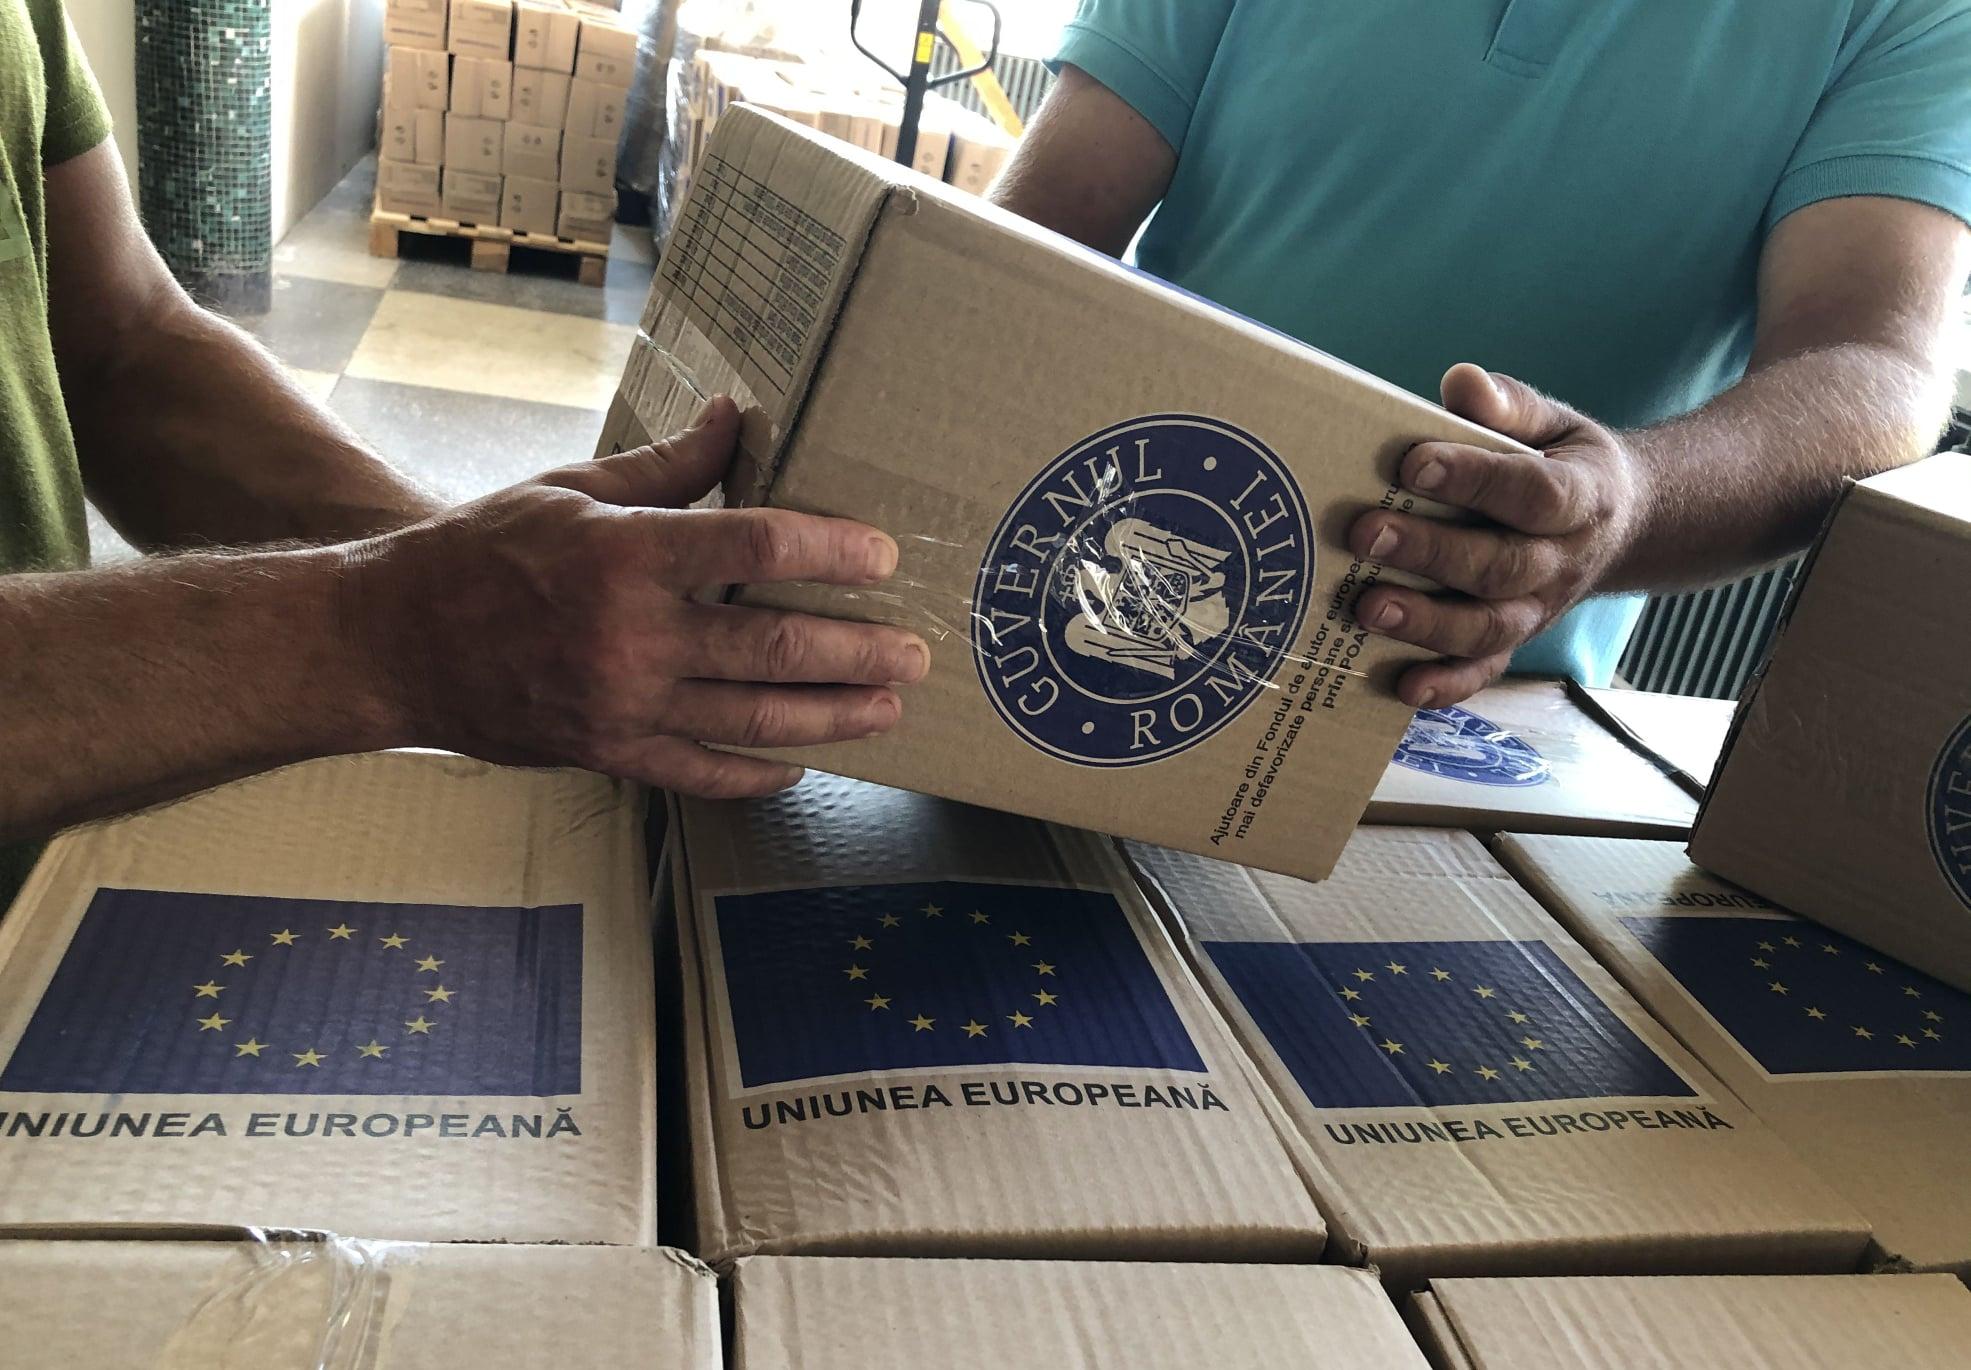 DAS Deva a încheiat distribuirea produselor de igienă. Peste 600 de persoane au beneficiat de ajutorul european